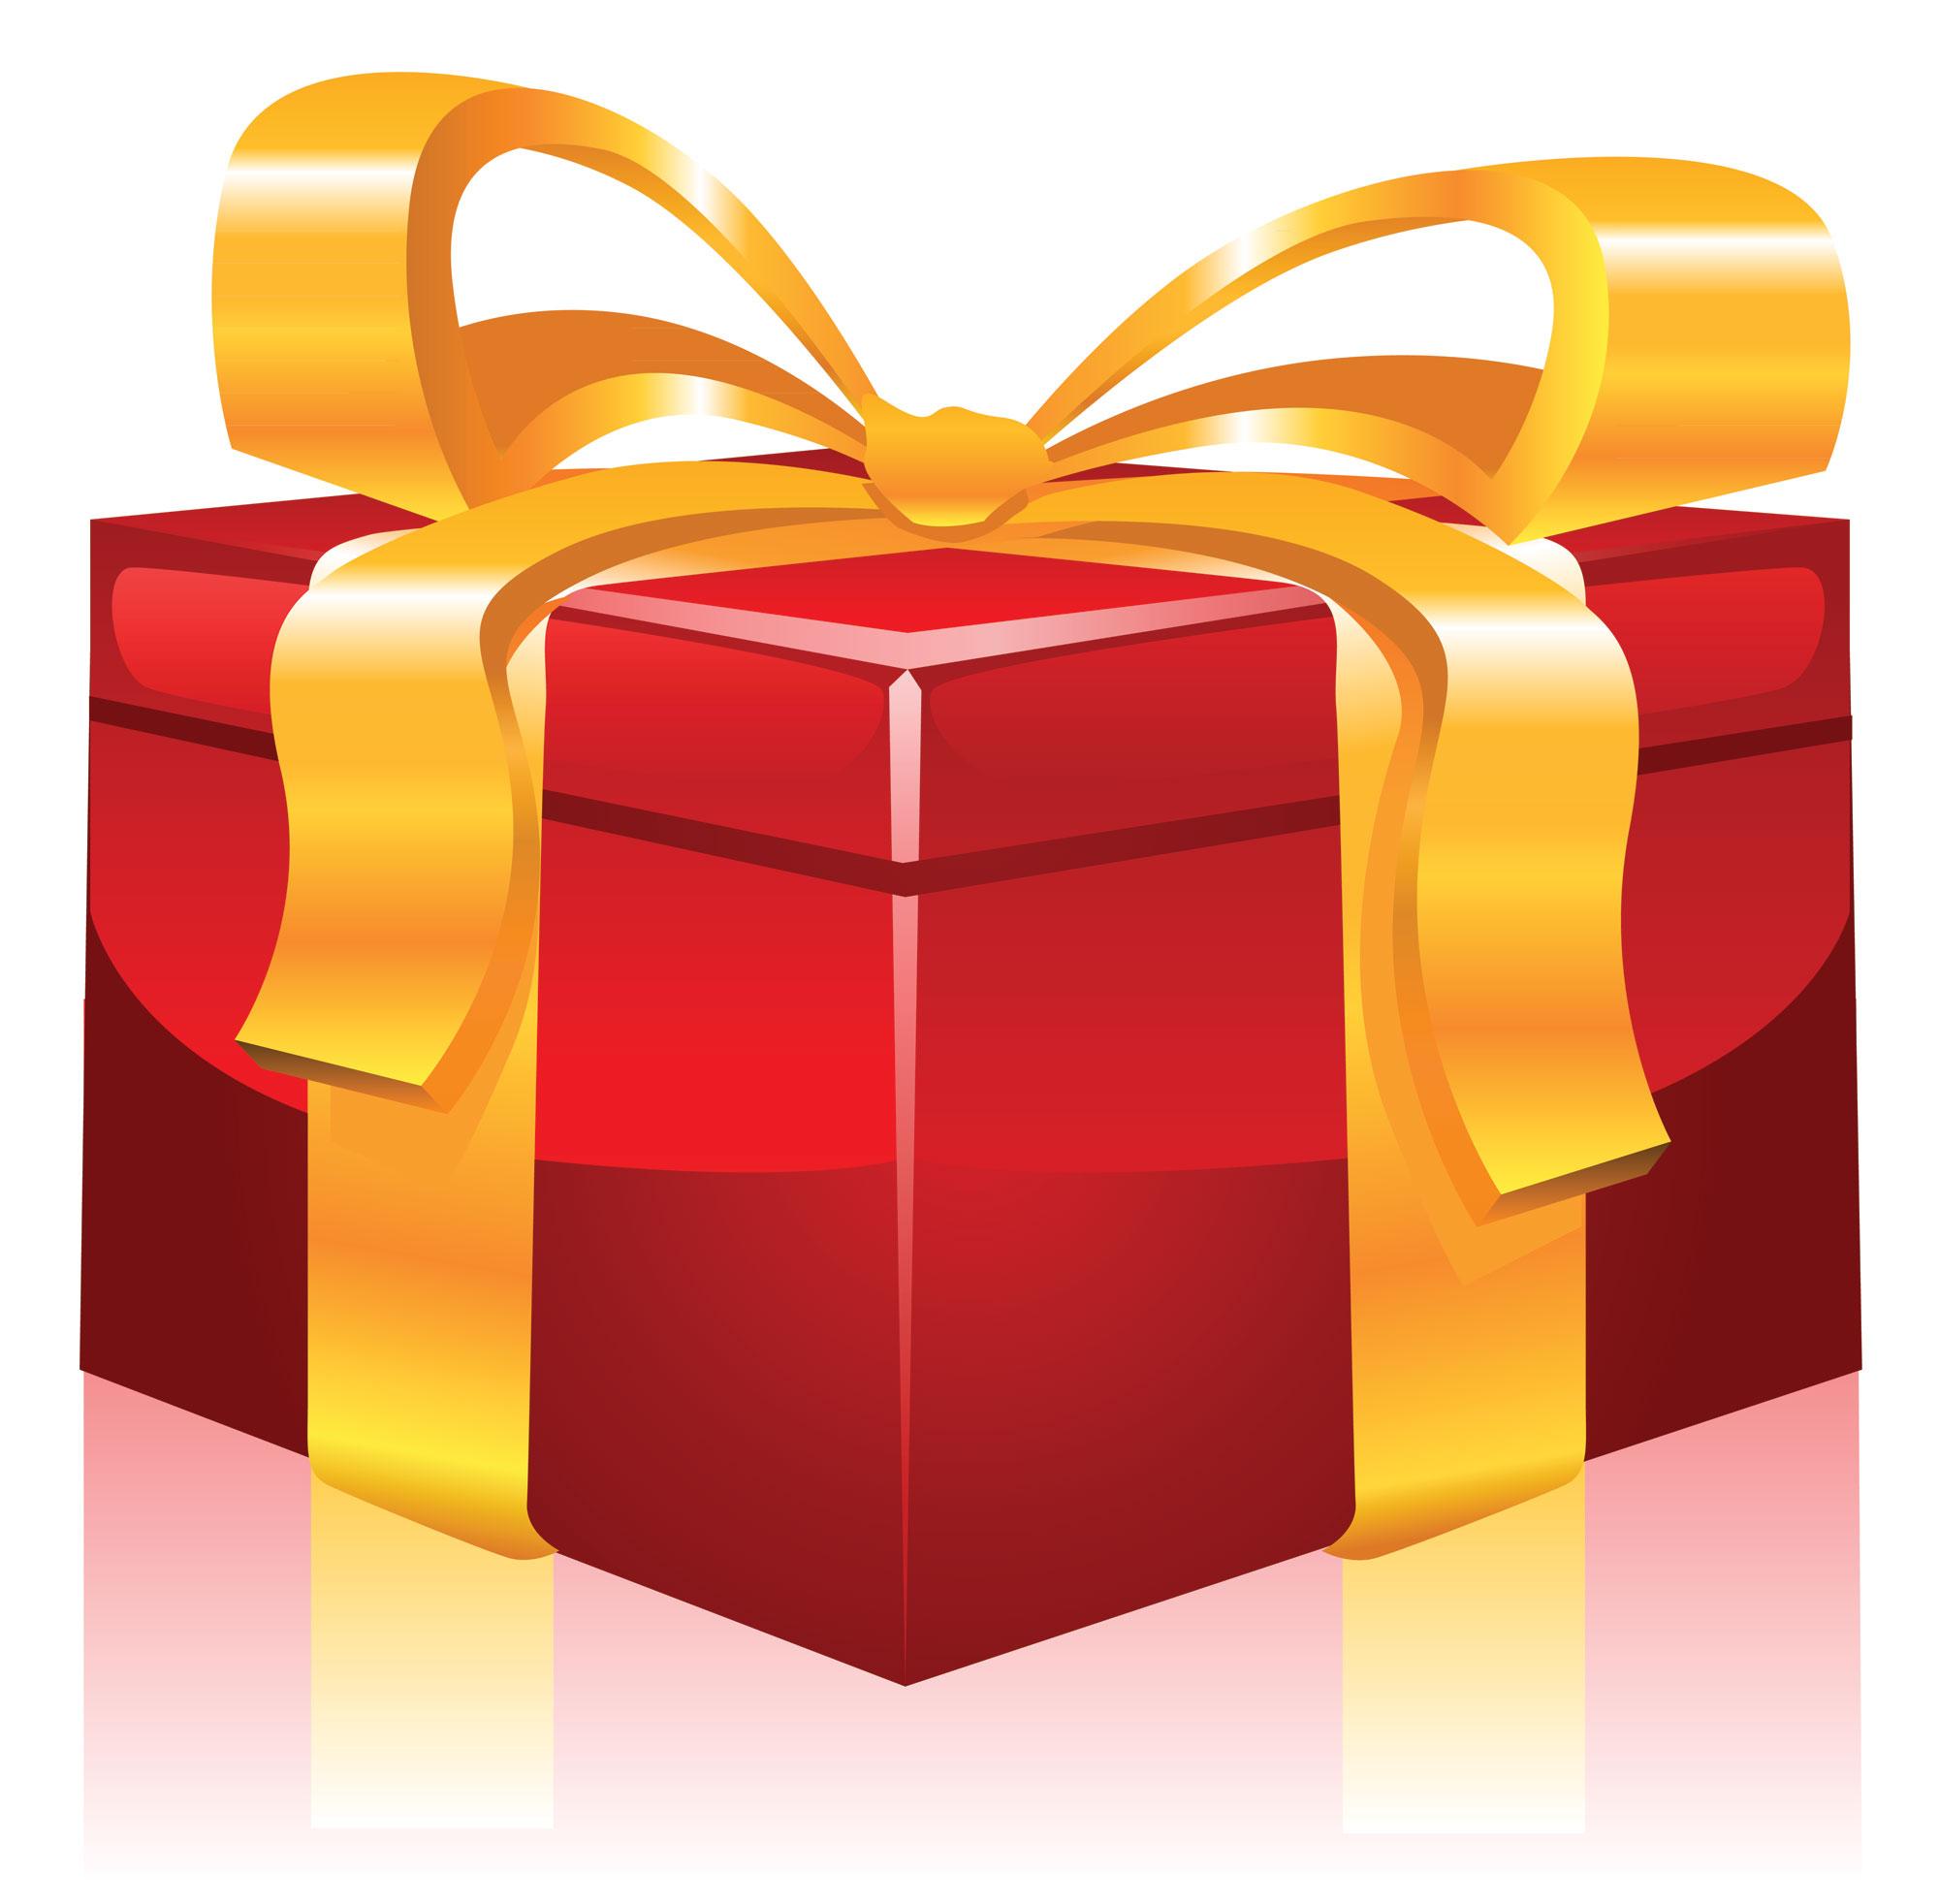 Cadeau pourquoi est ce qu 39 on en offre id e cadeau for Photo idee cadeau